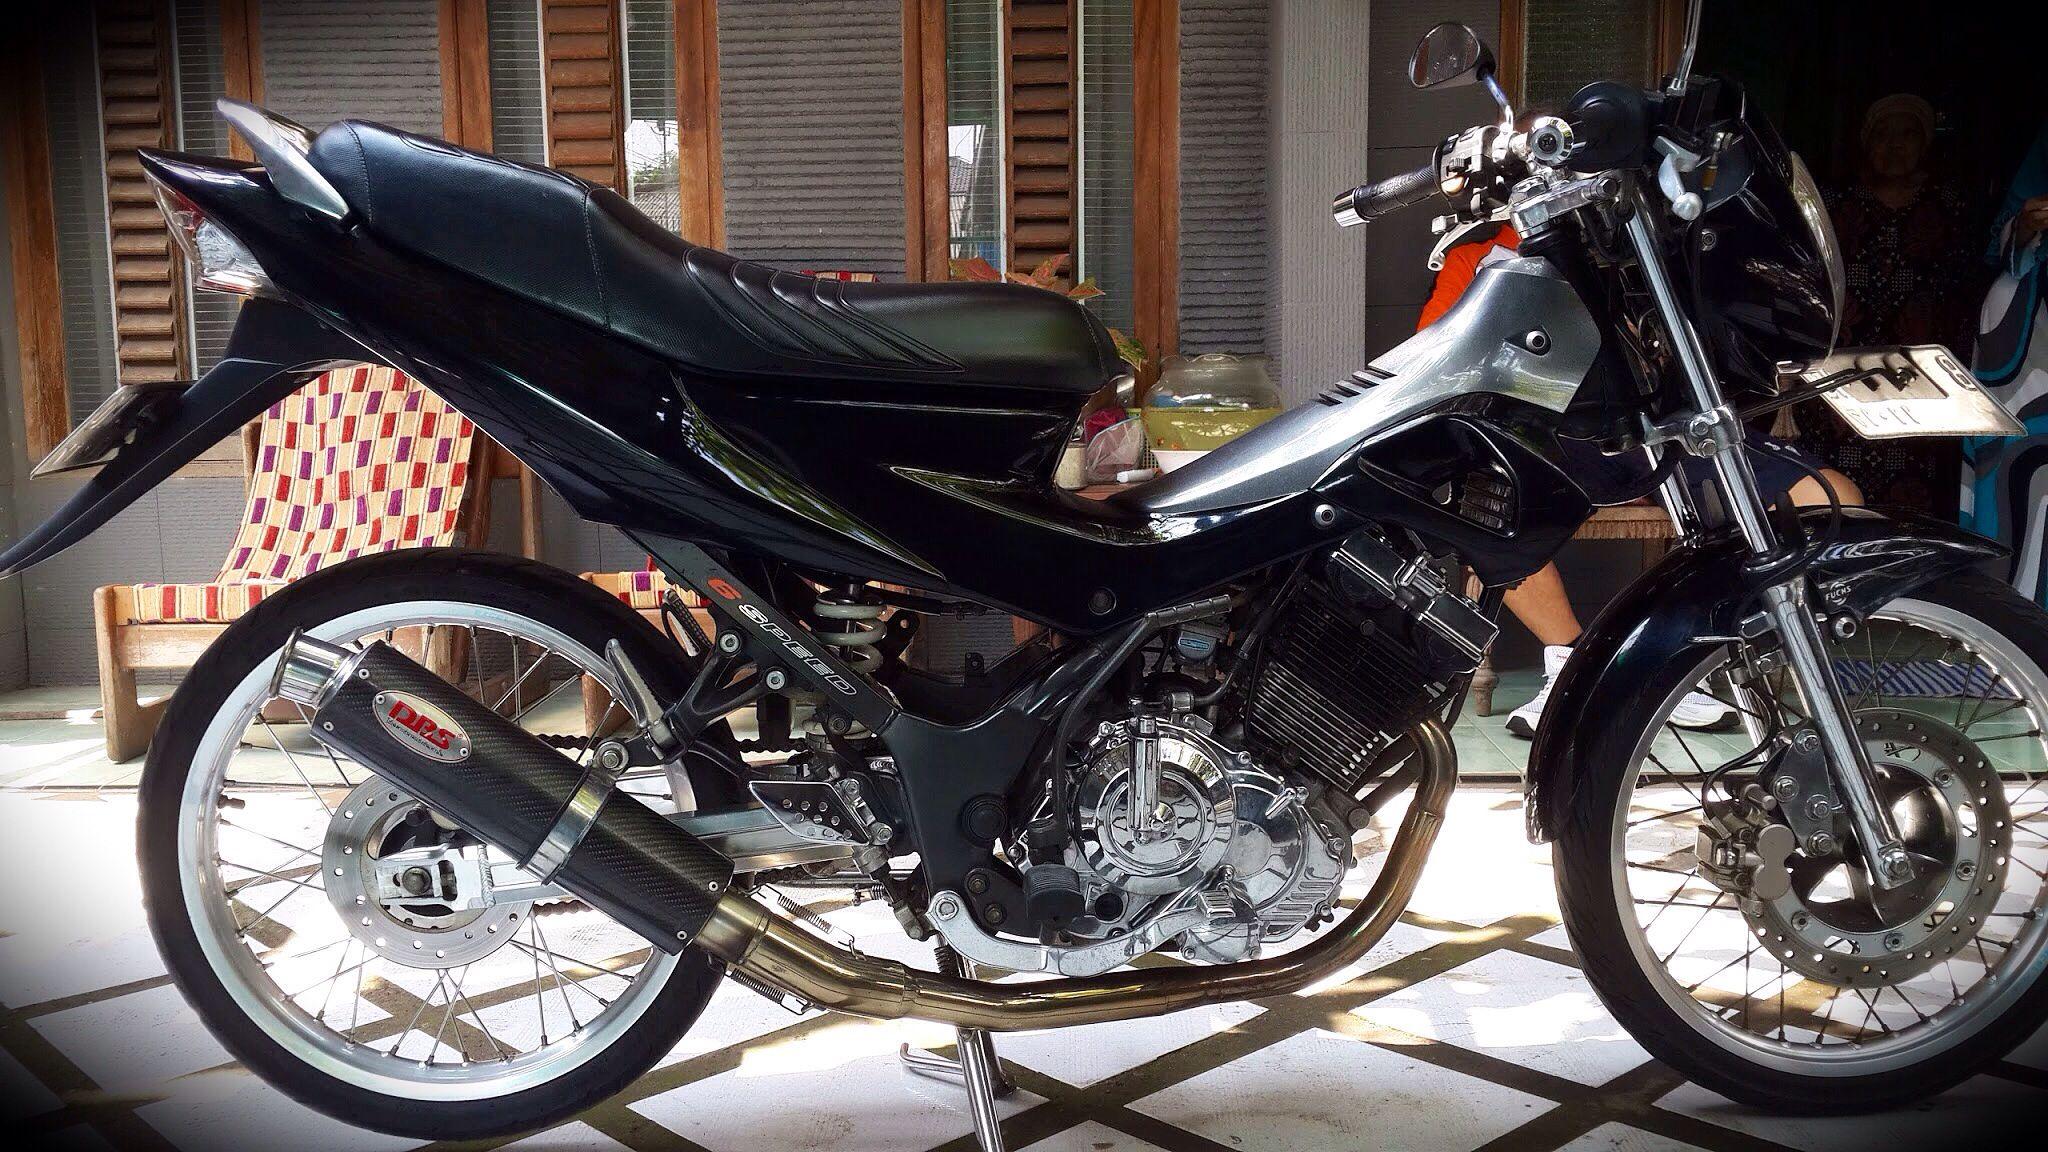 Kumpulan Modifikasi Motor Satria Fu Balap Terbaru